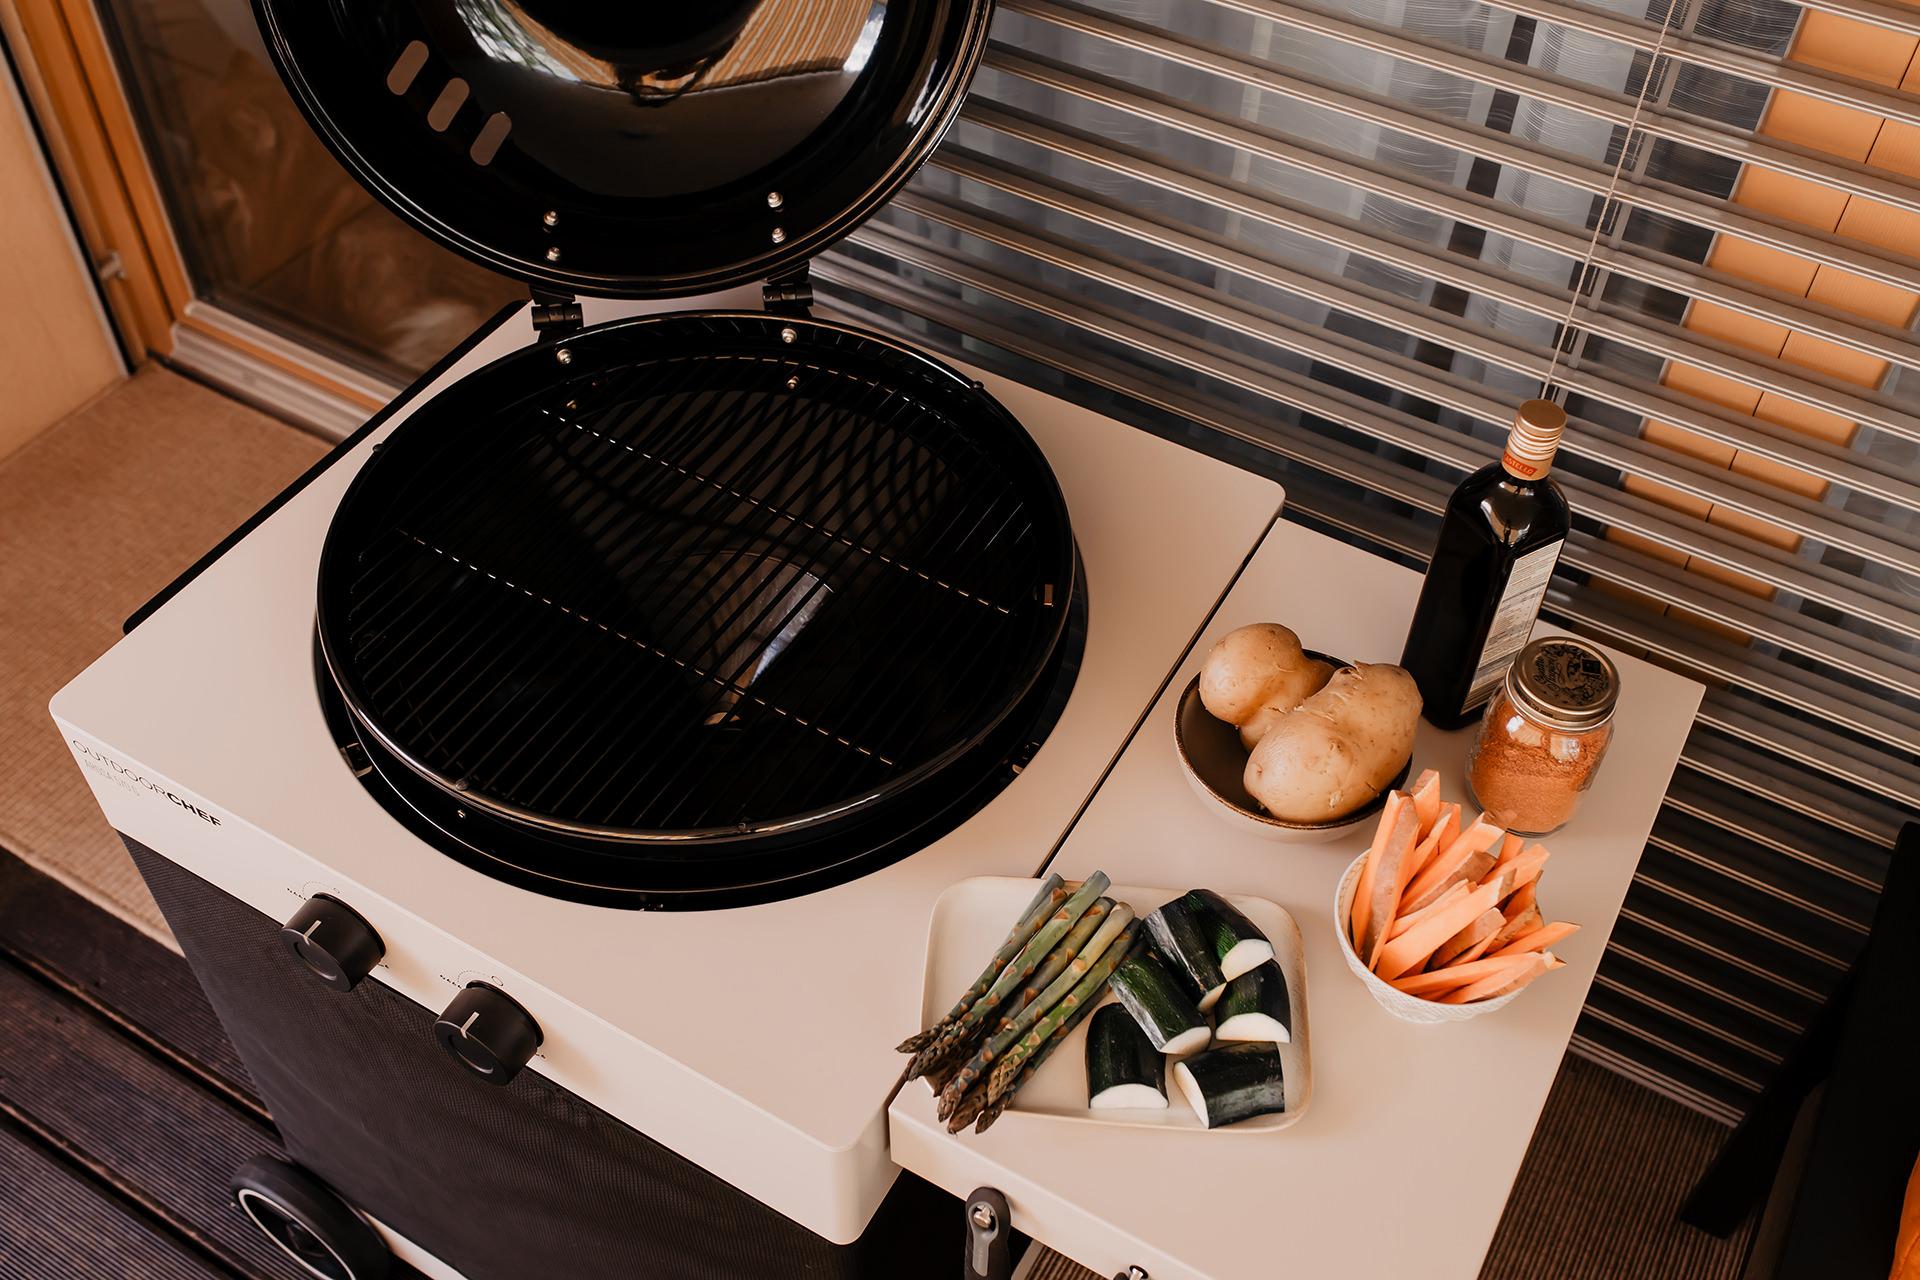 Anzeige. DerArosa 570 G Tex ist ein Gas-Kugelgrill ganz nach deinem Geschmack! Was es mit dem Grill auf sich hat und warum er richtig wandelbar ist, verrate ich dir jetzt auf meinem Interior Blog www.whoismocca.com #gasgrill #outdoorchef #arosa570gtex